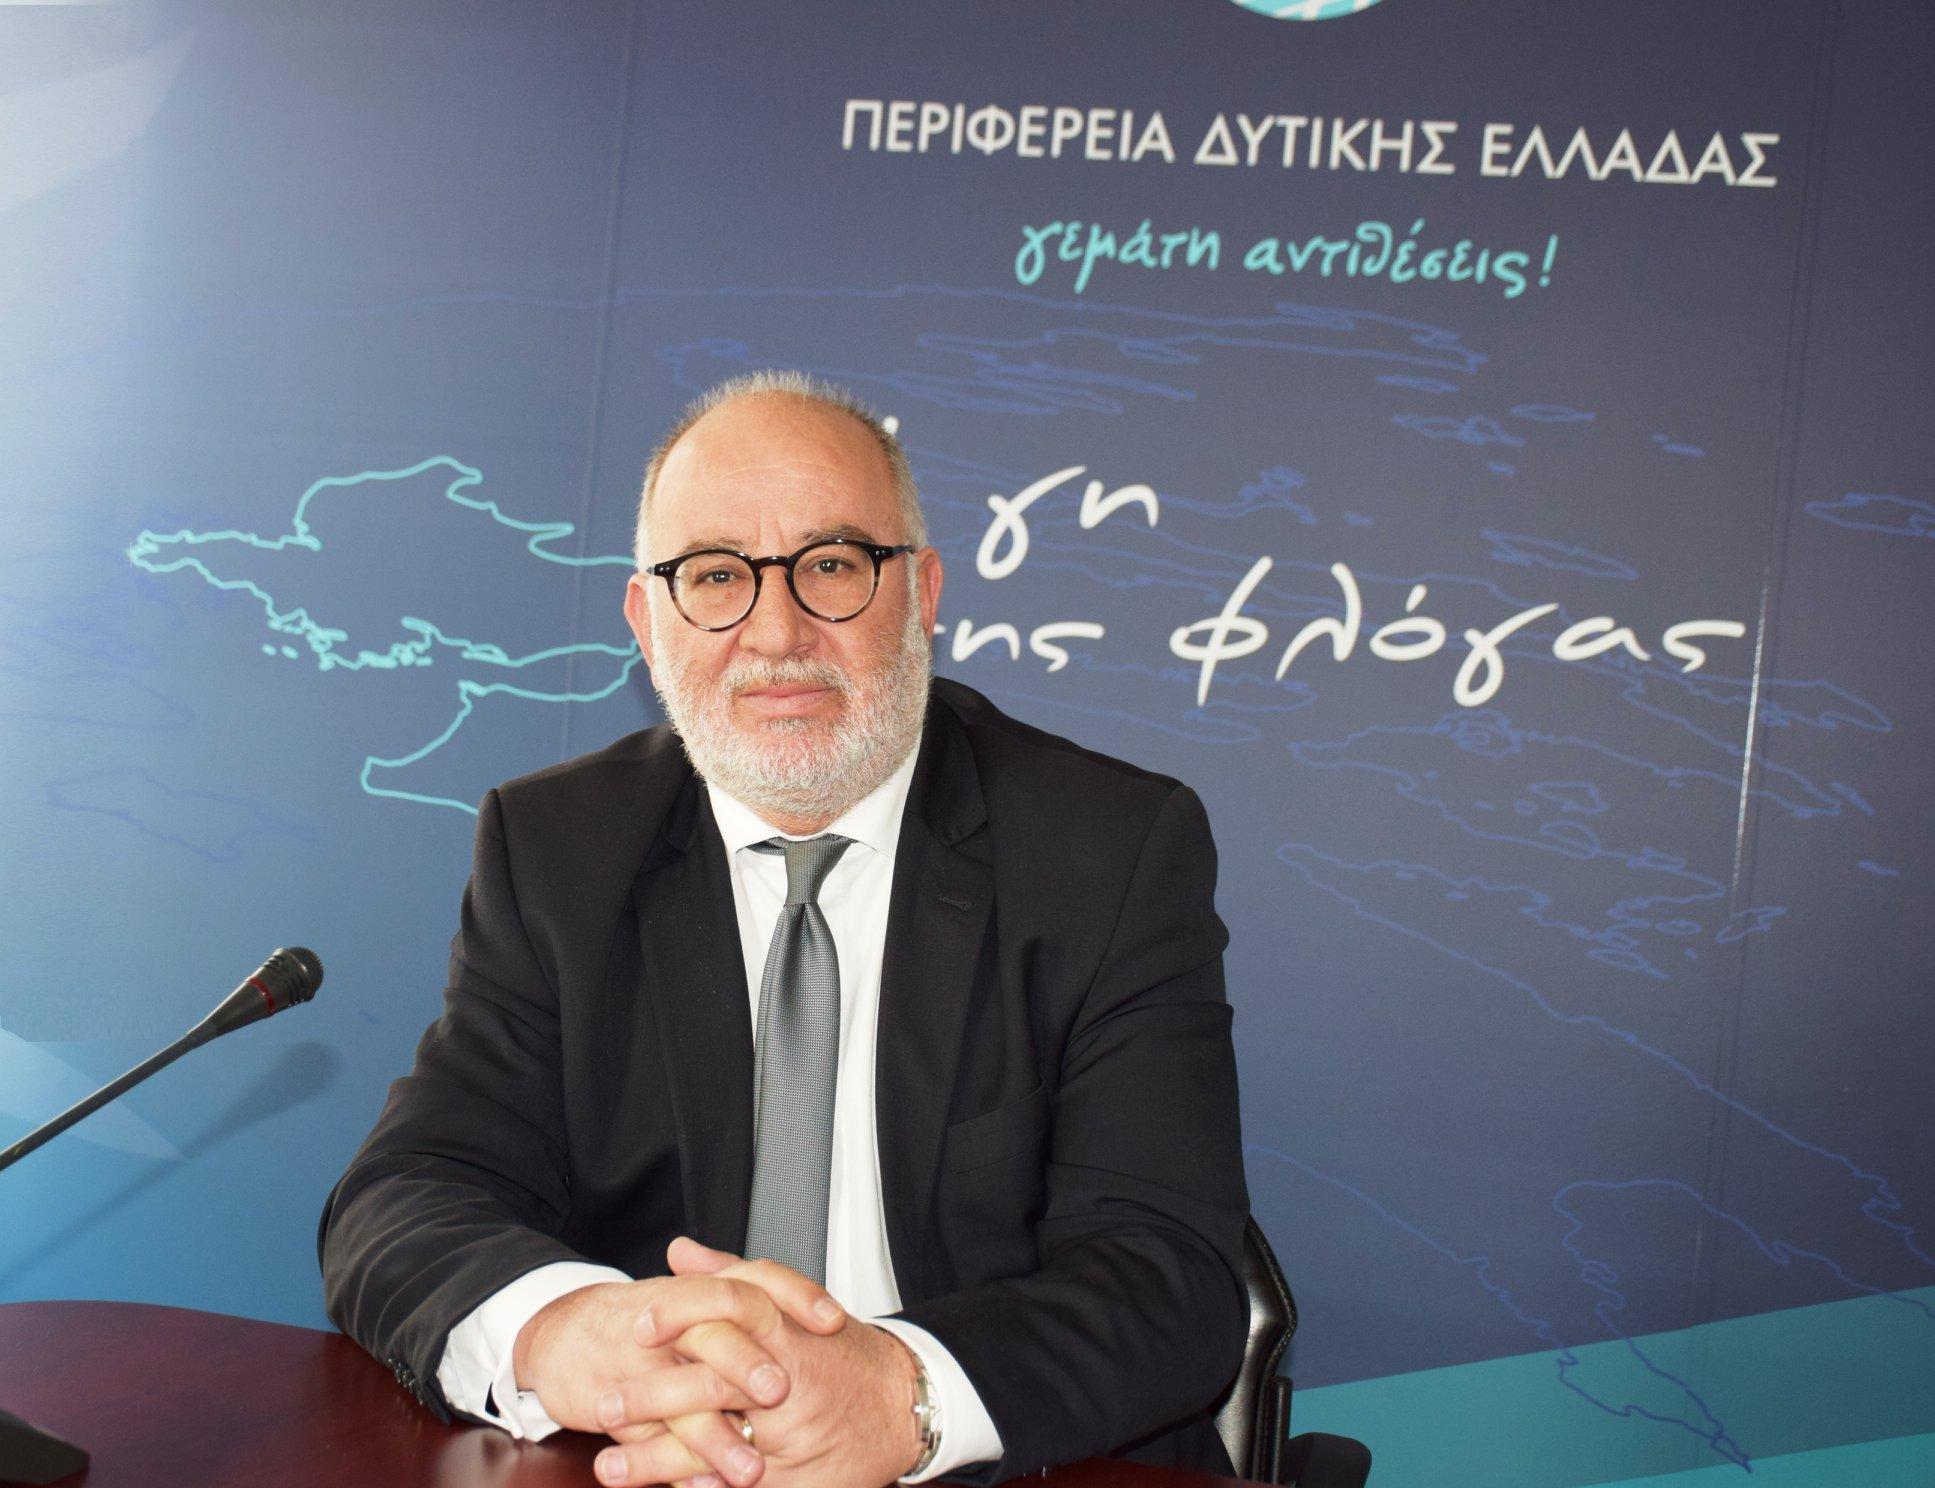 Περιφέρεια Δυτικής Ελλάδας: Δημοπρατείται στις 7 Μαΐου ο οδικός άξονας Άγιος Ιωάννης – Κατάκολο